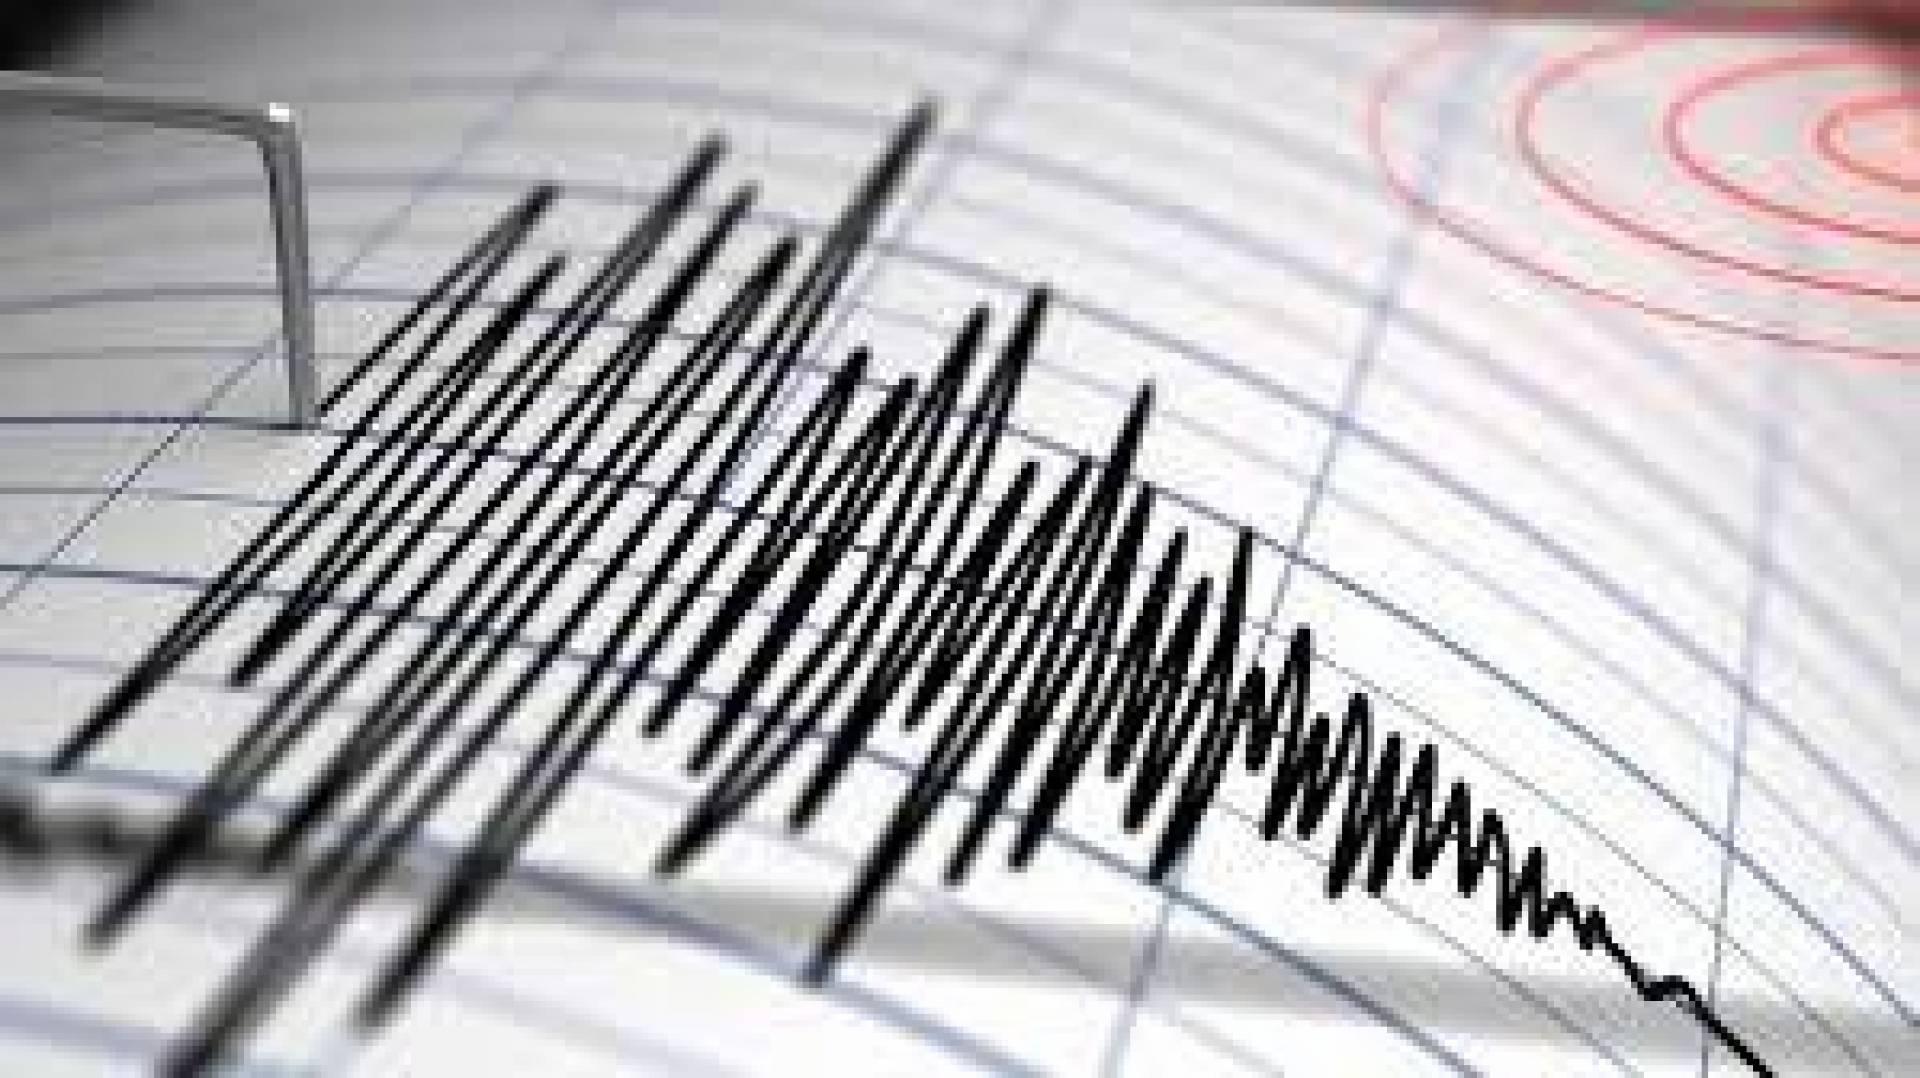 البحوث الفلكية: زلزال شمال الإسكندرية بقوة 3.5 ريختر